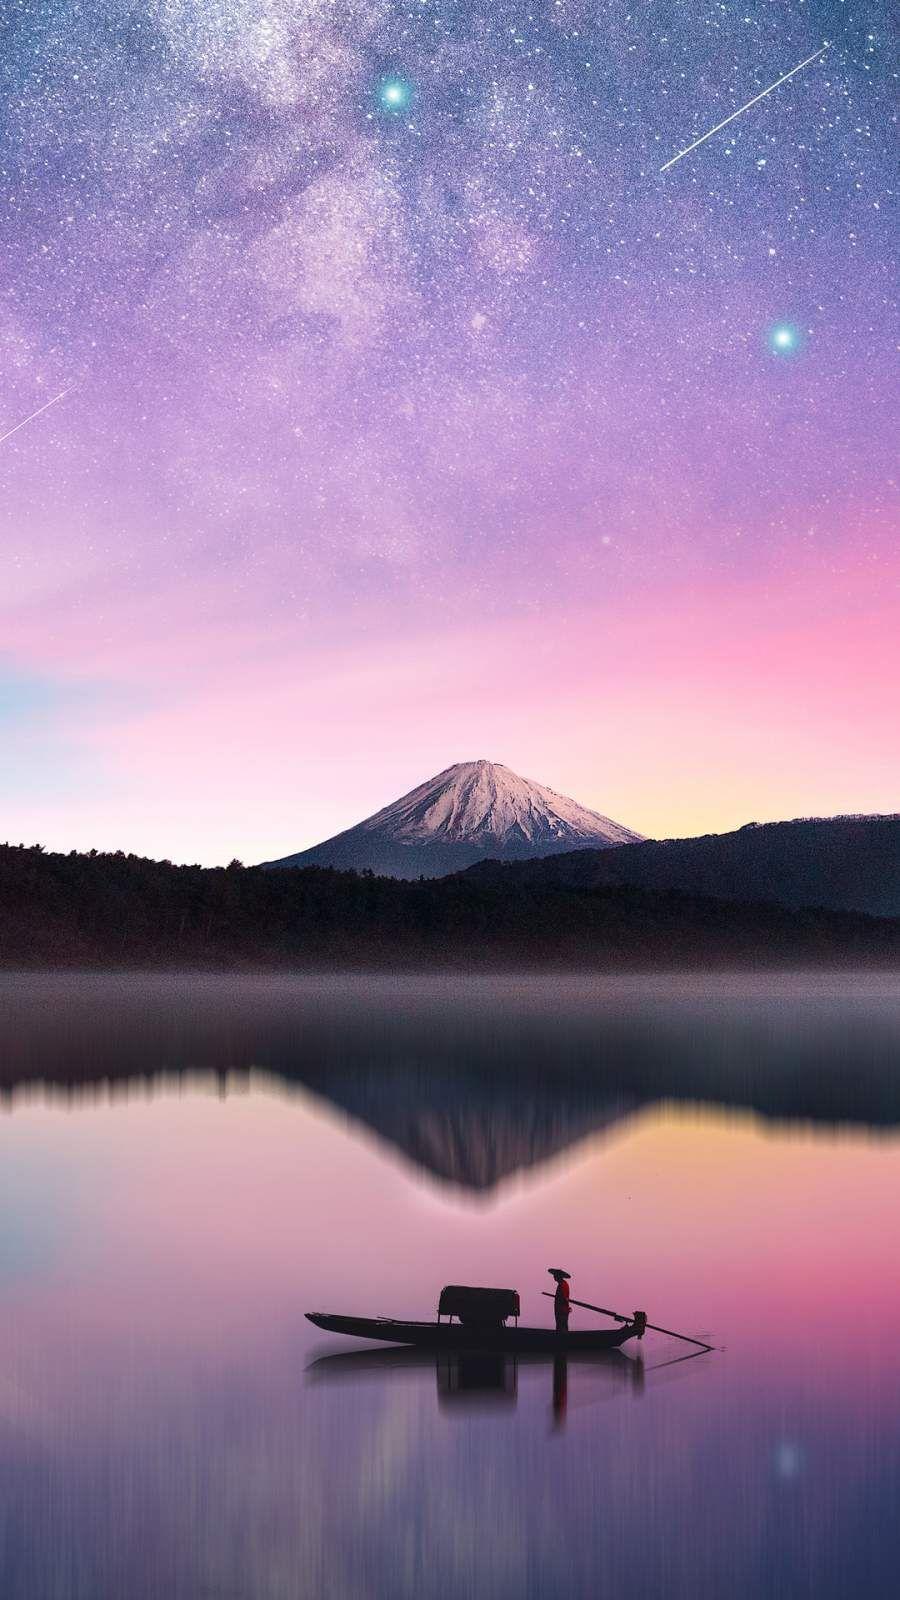 Milky Way Mount Fuji IPhone Wallpaper in 2020 4k